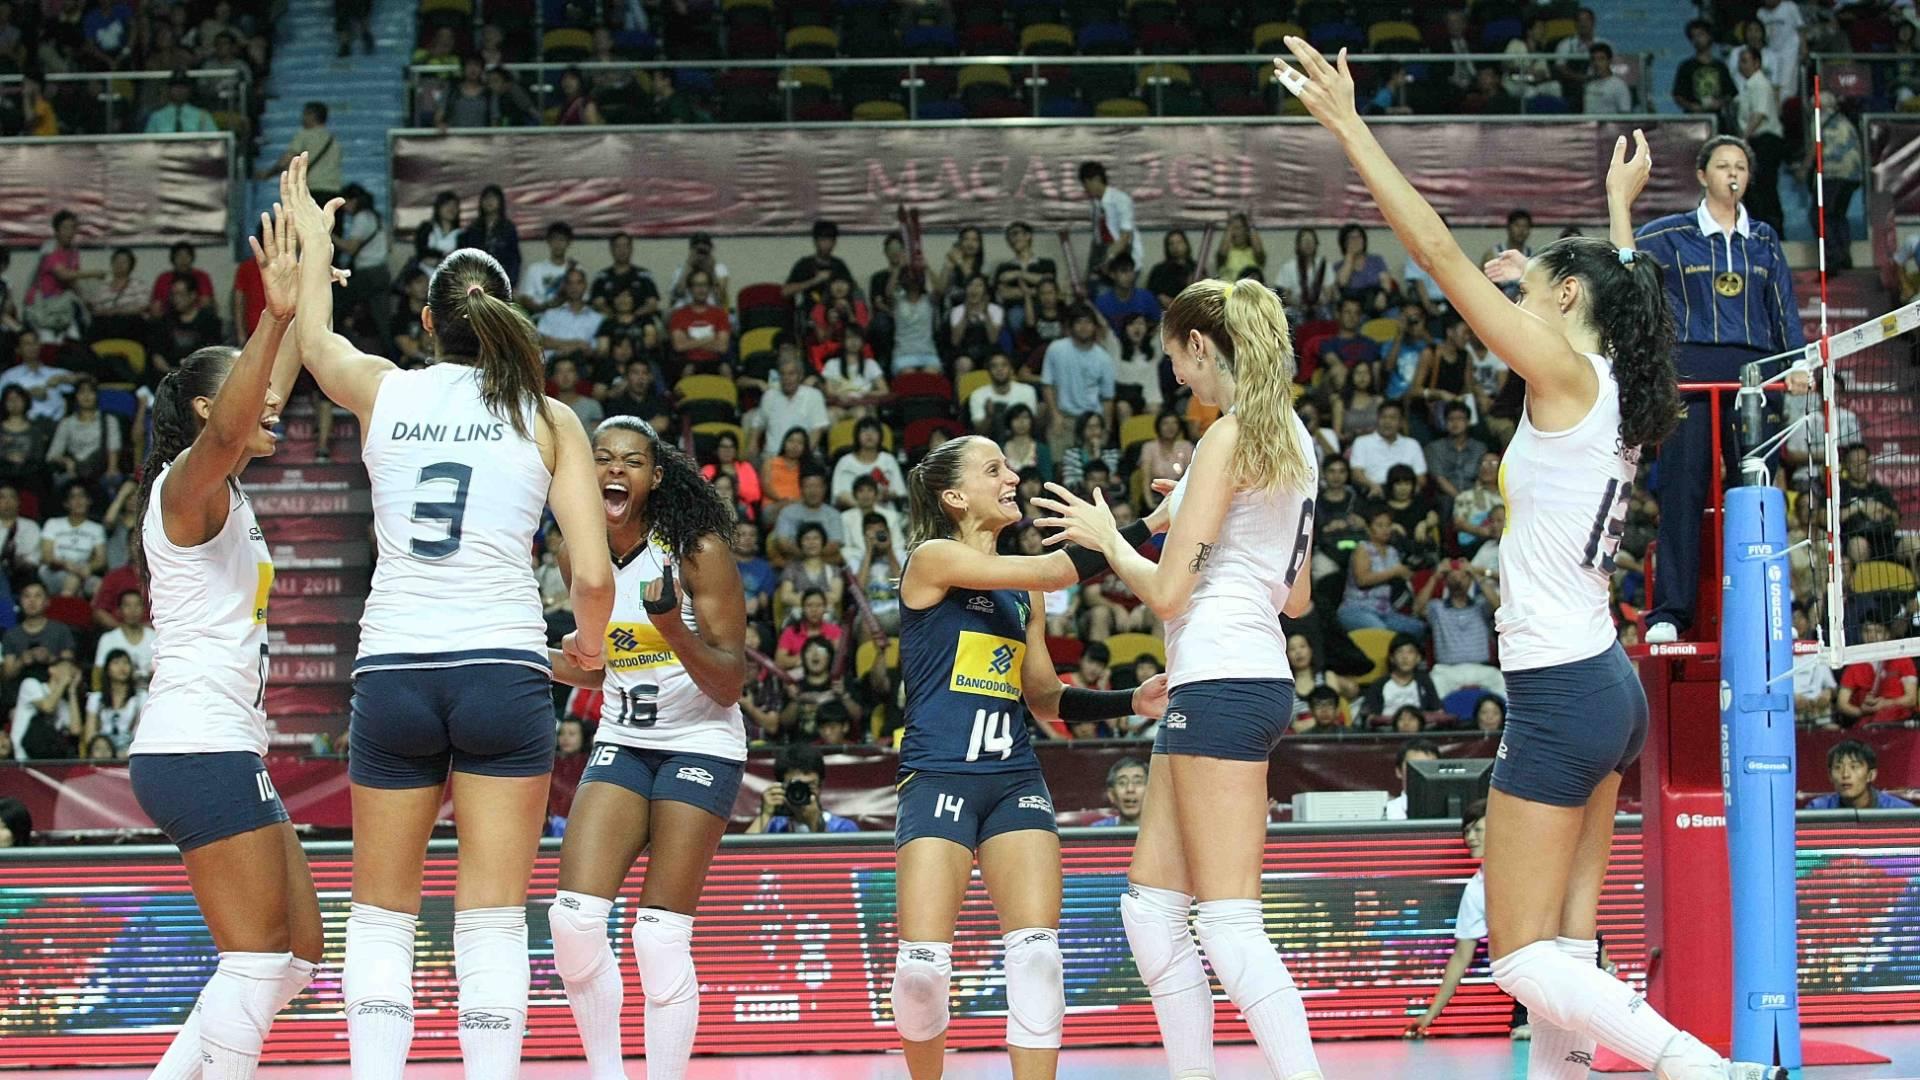 Brasileiras comemoram vitória sobre os Estados Unidos no Grand Prix